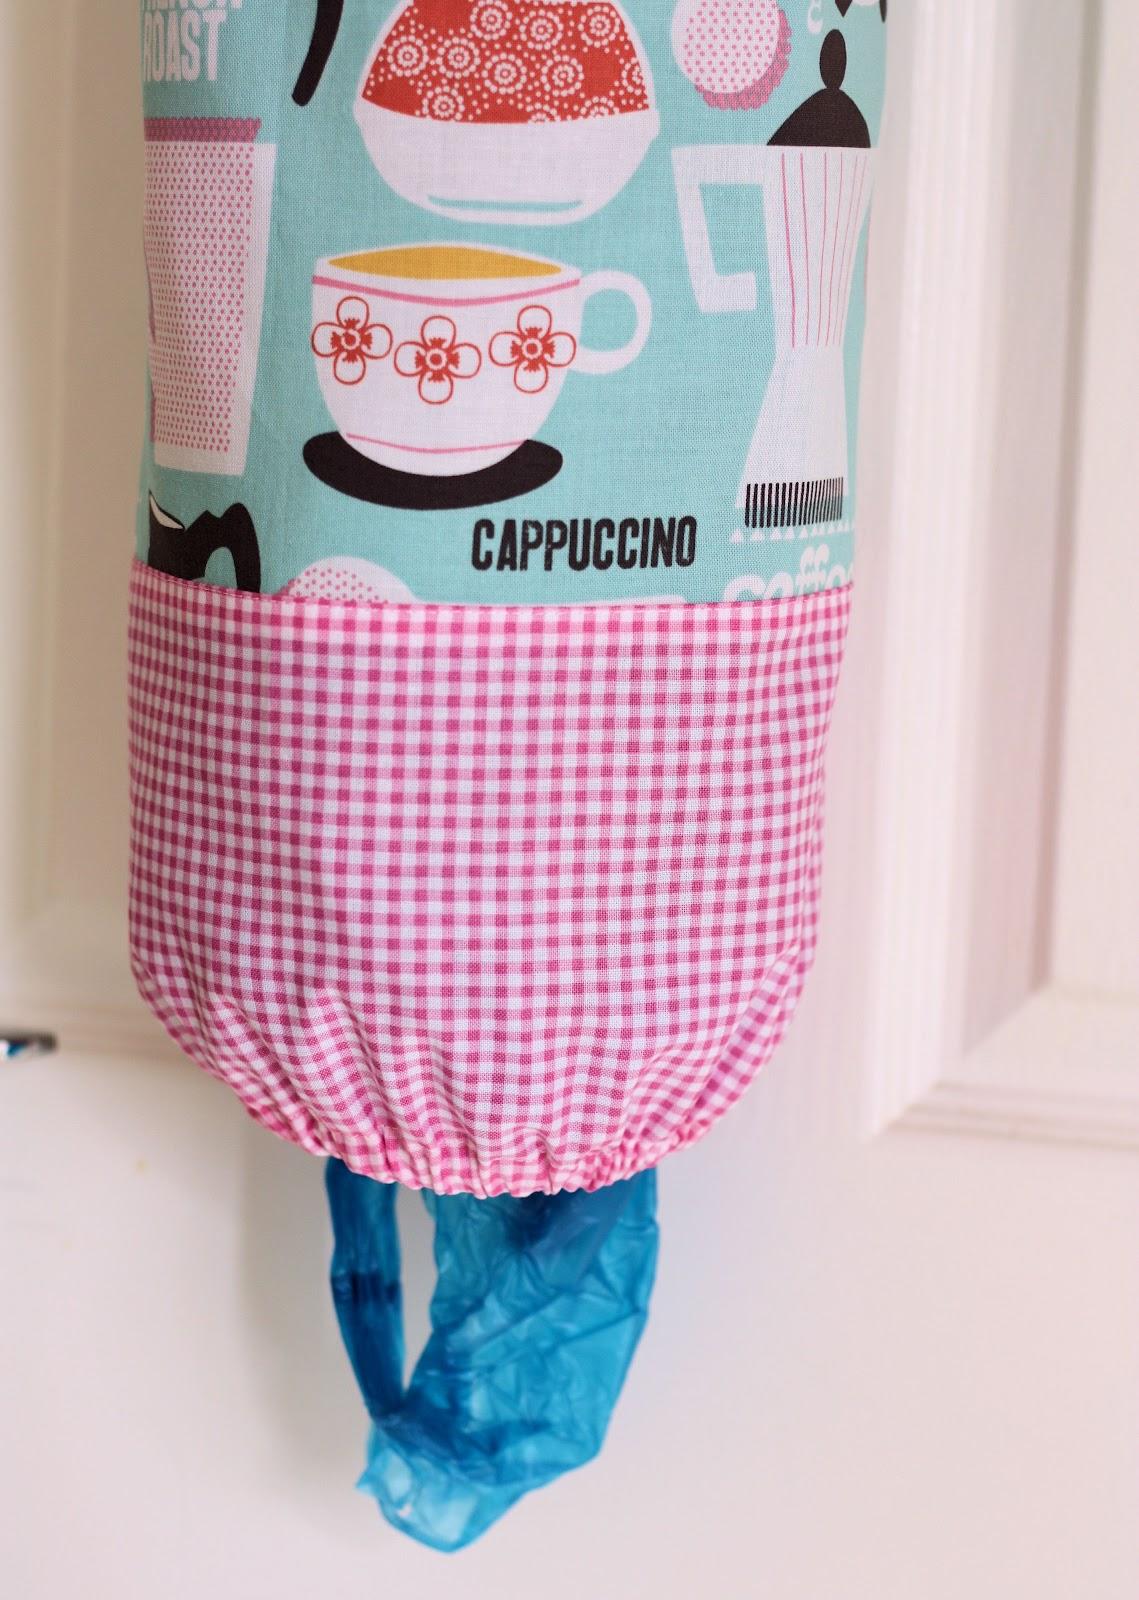 how to make a plastic bag dispenser